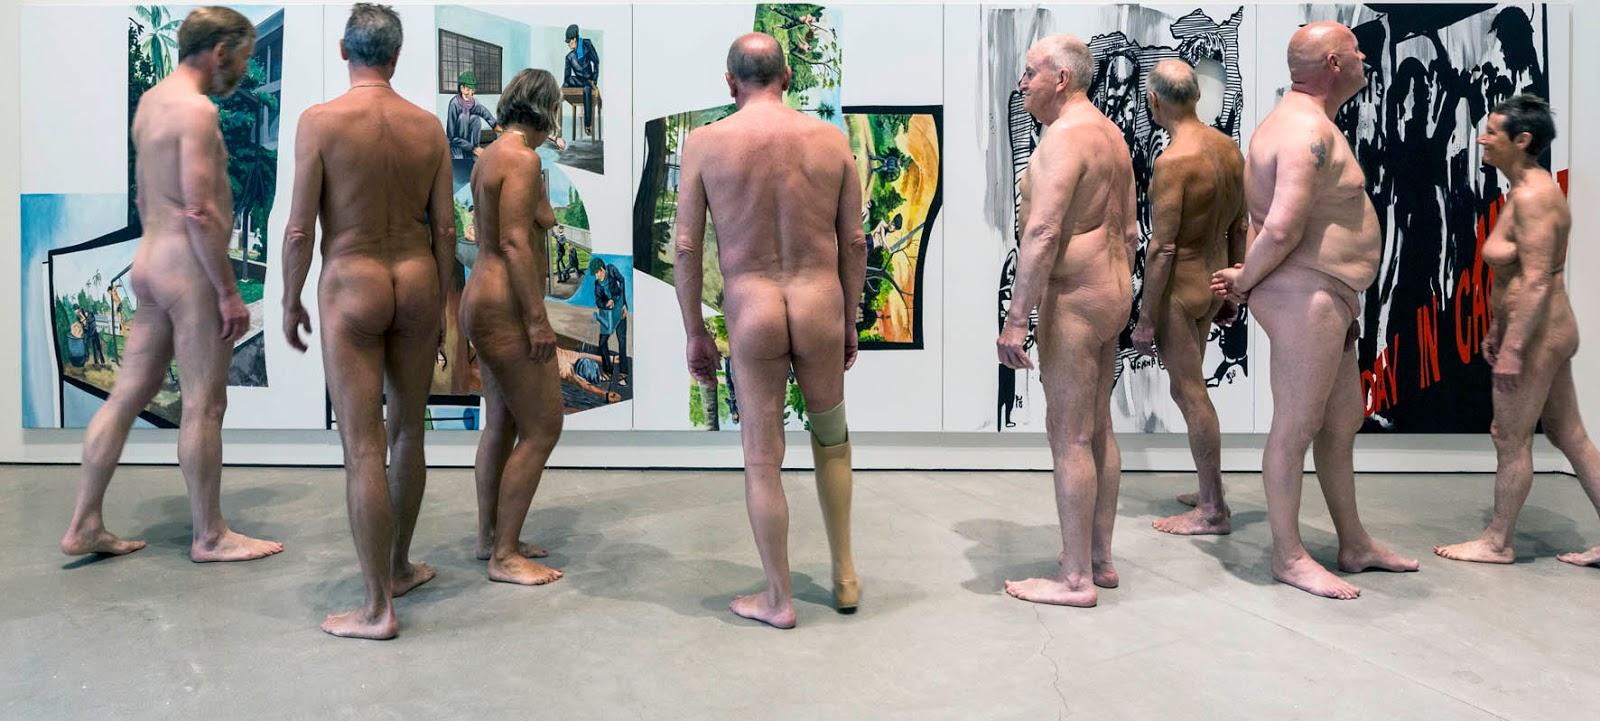 knullgummi bilder på nudister